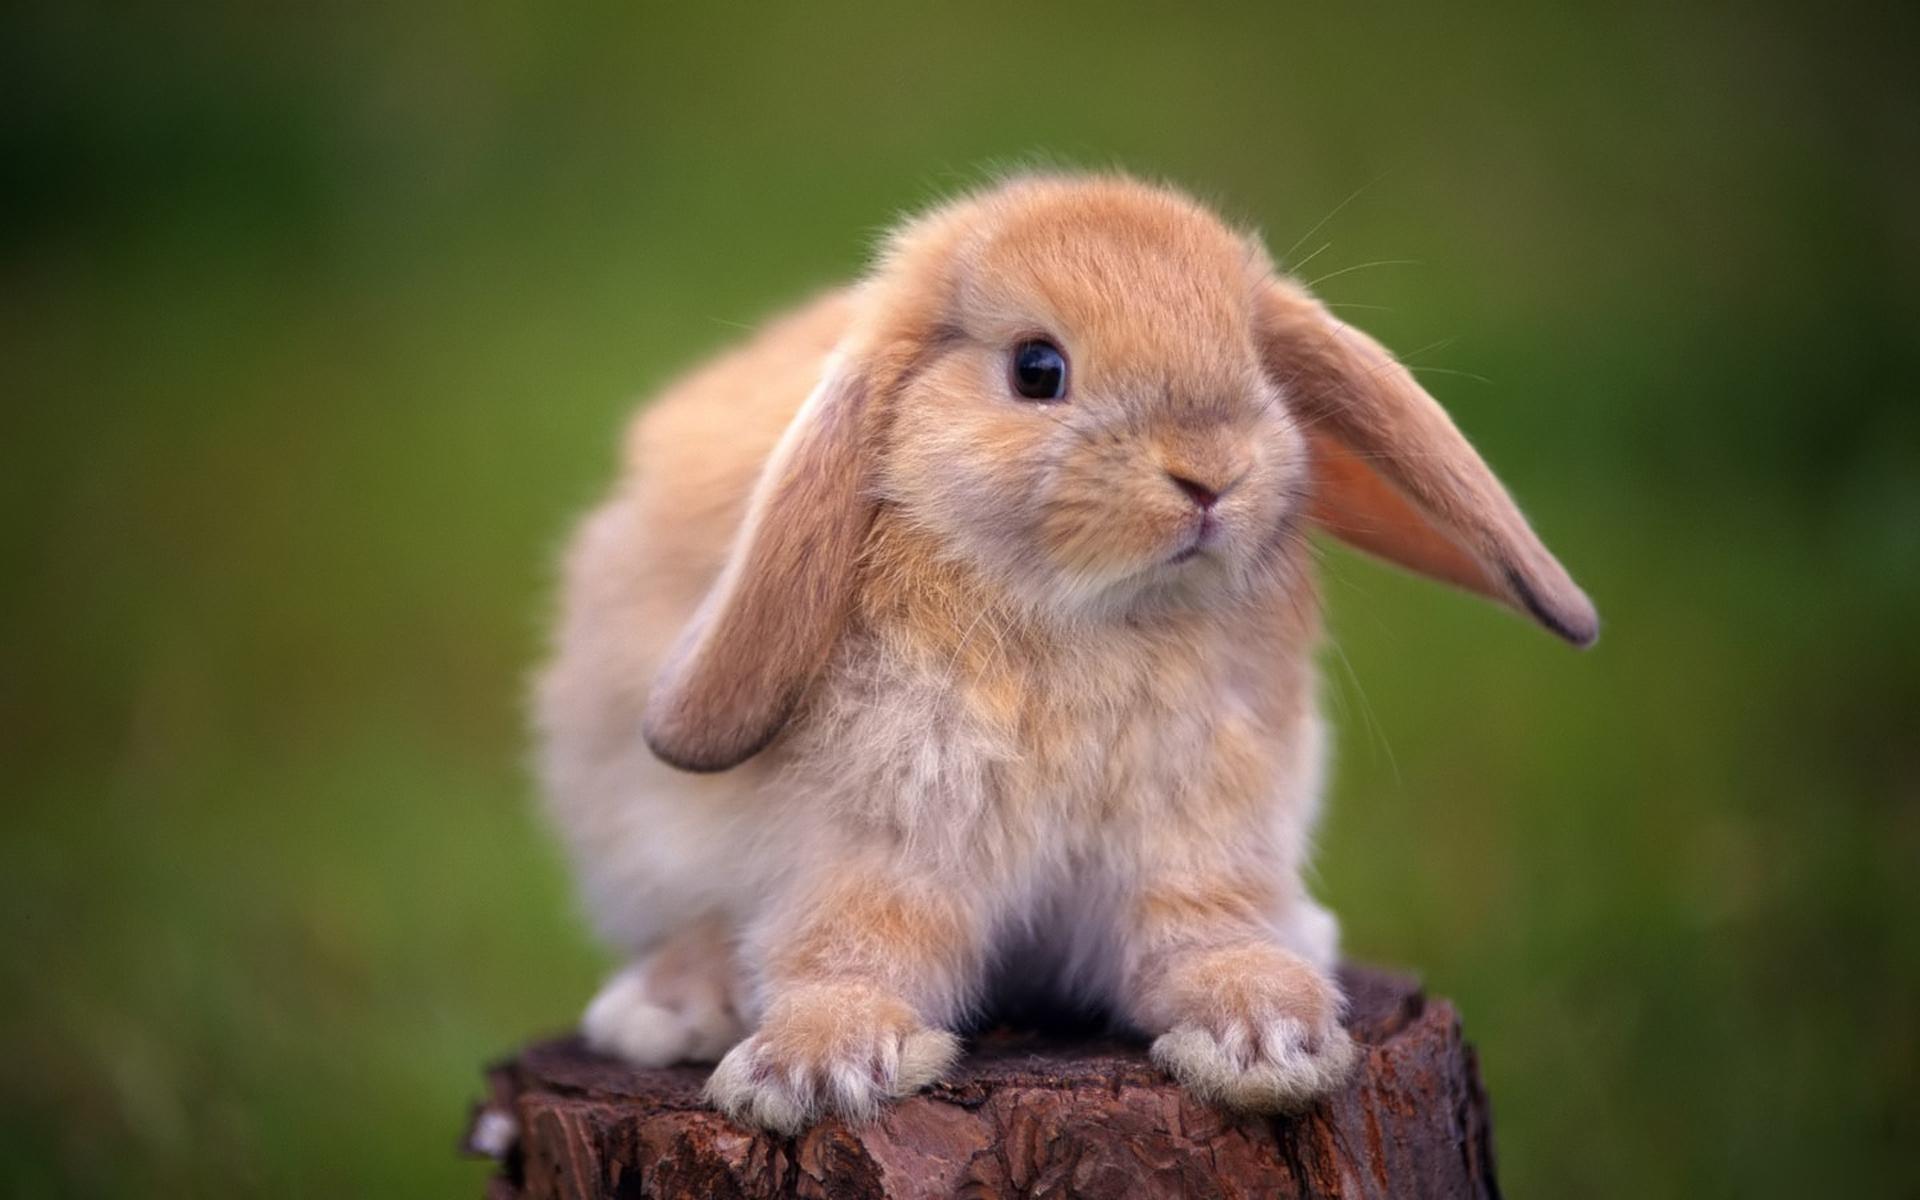 ВМоскве кролик напал намаму сребенком уметро «Севастопольская»